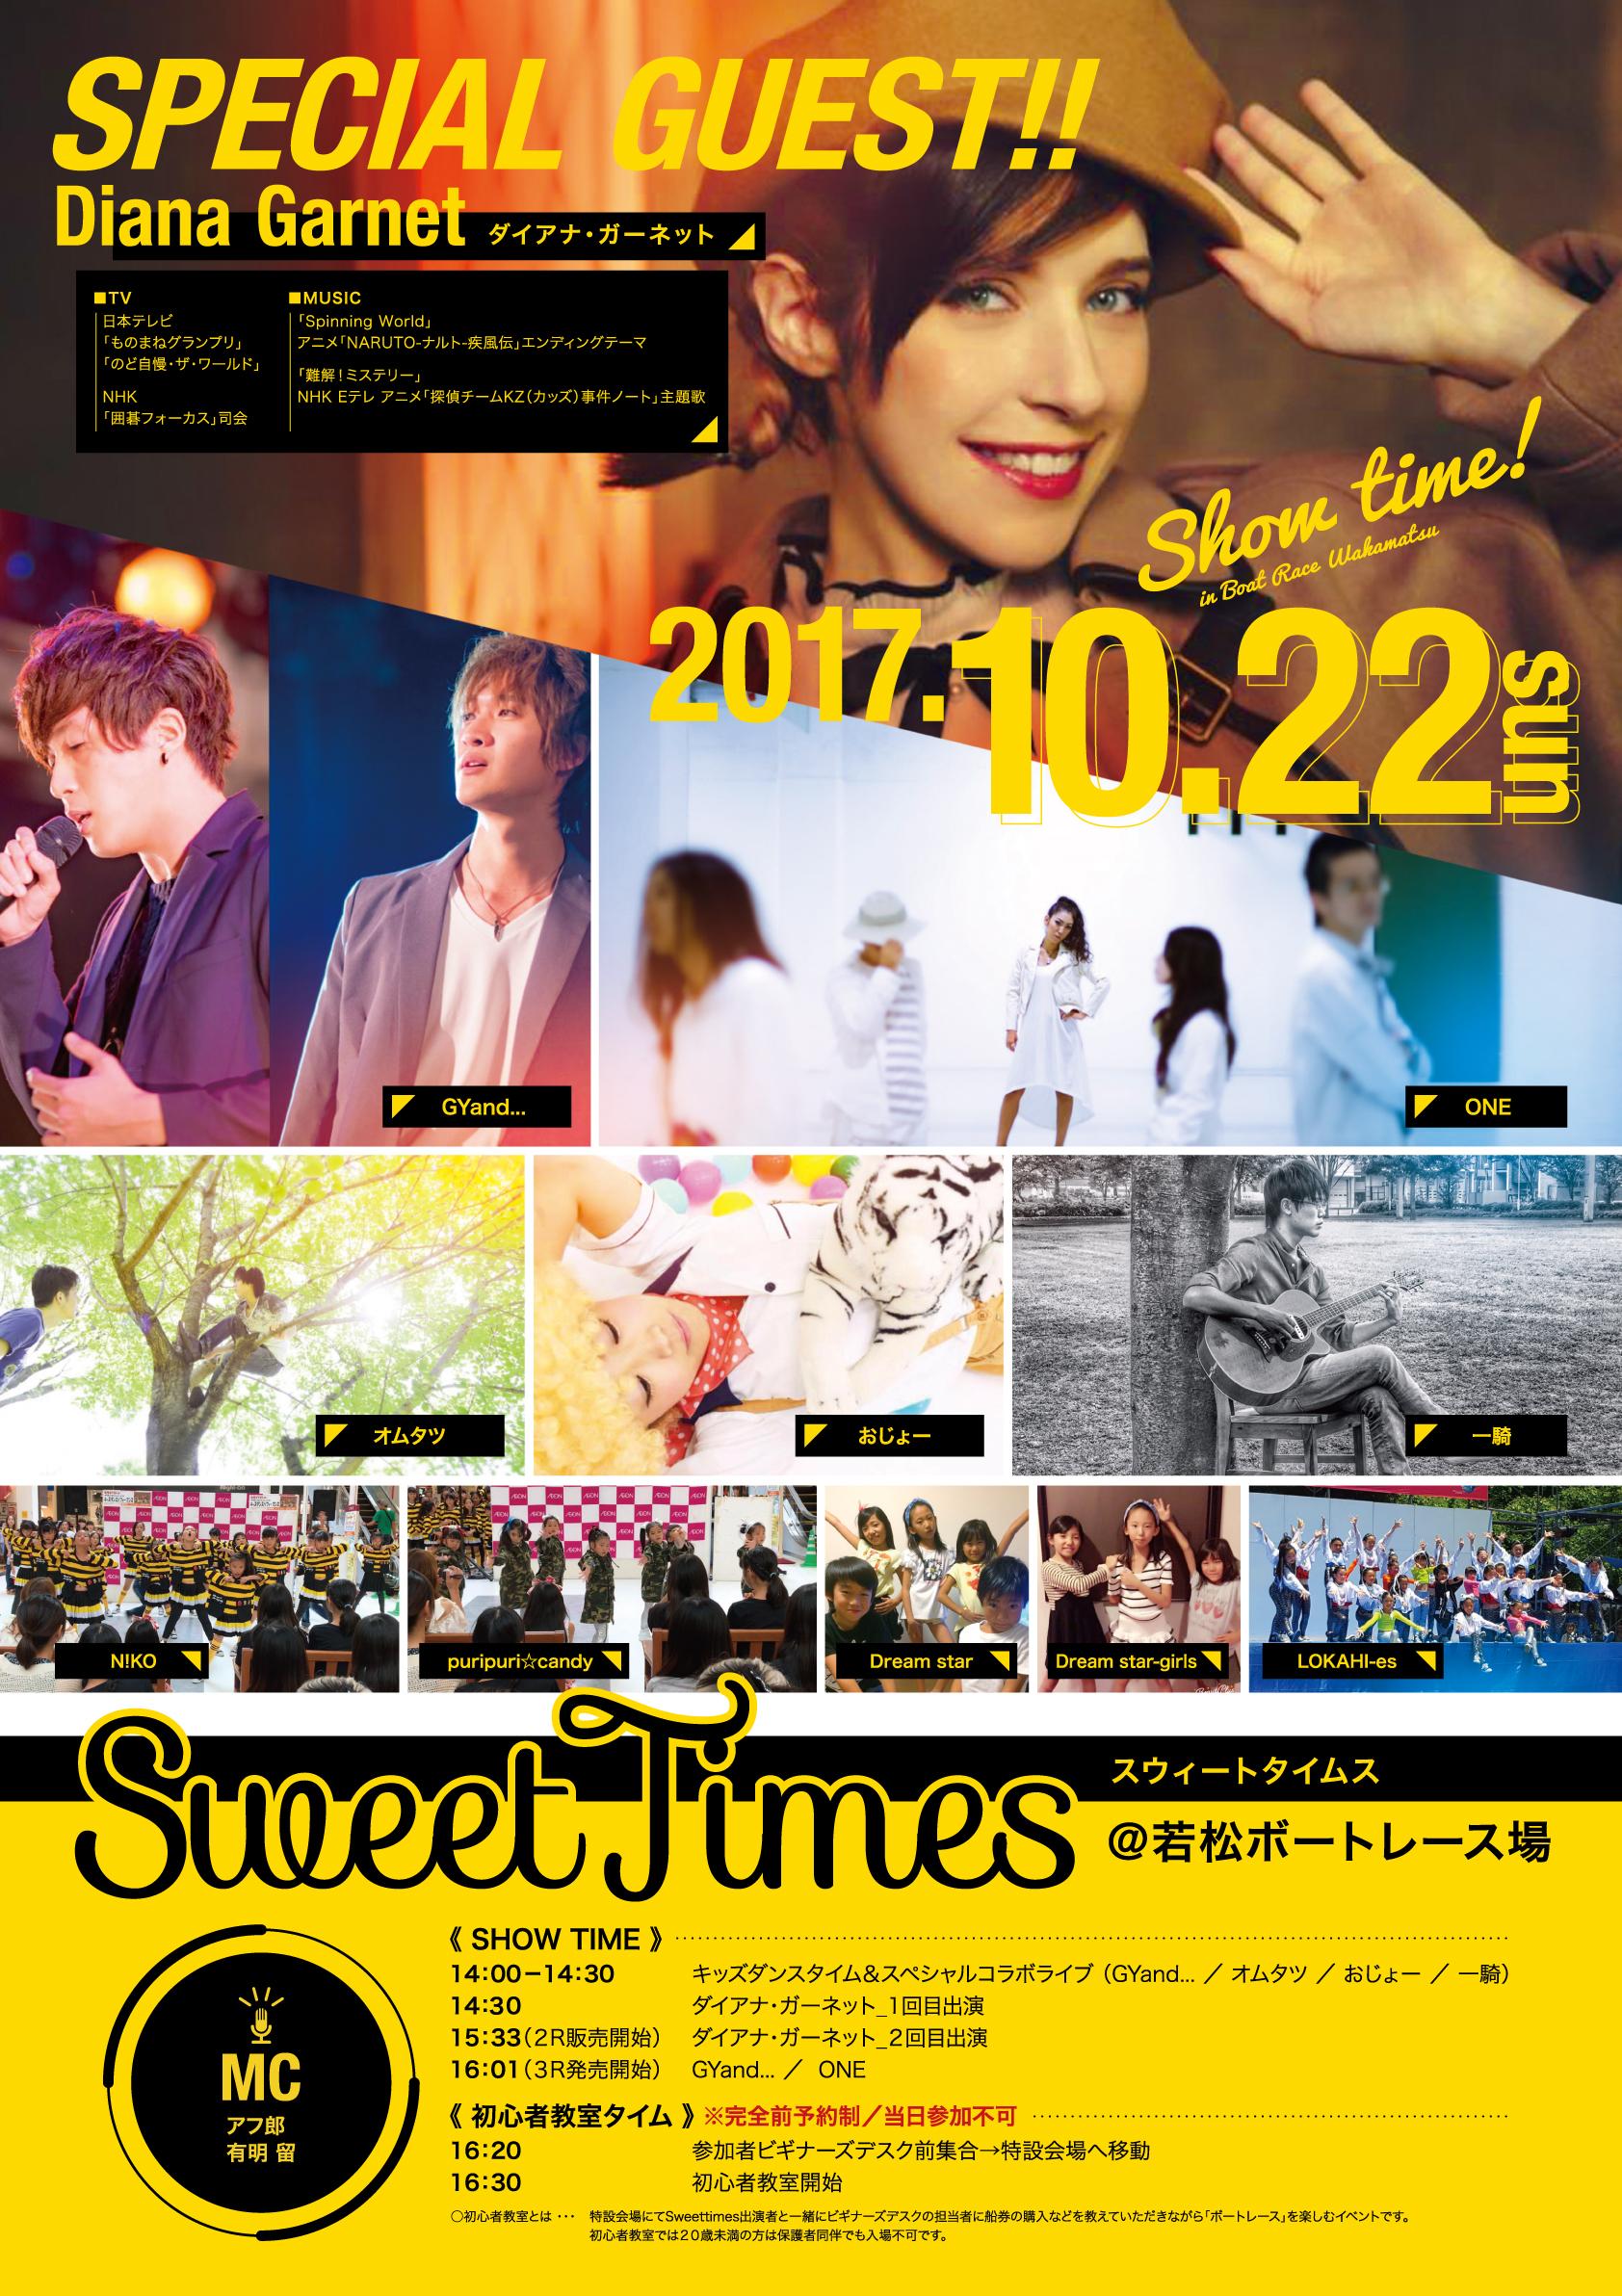 2017年10月22日「SWEETTIMES in 若松ボート」開催決定!